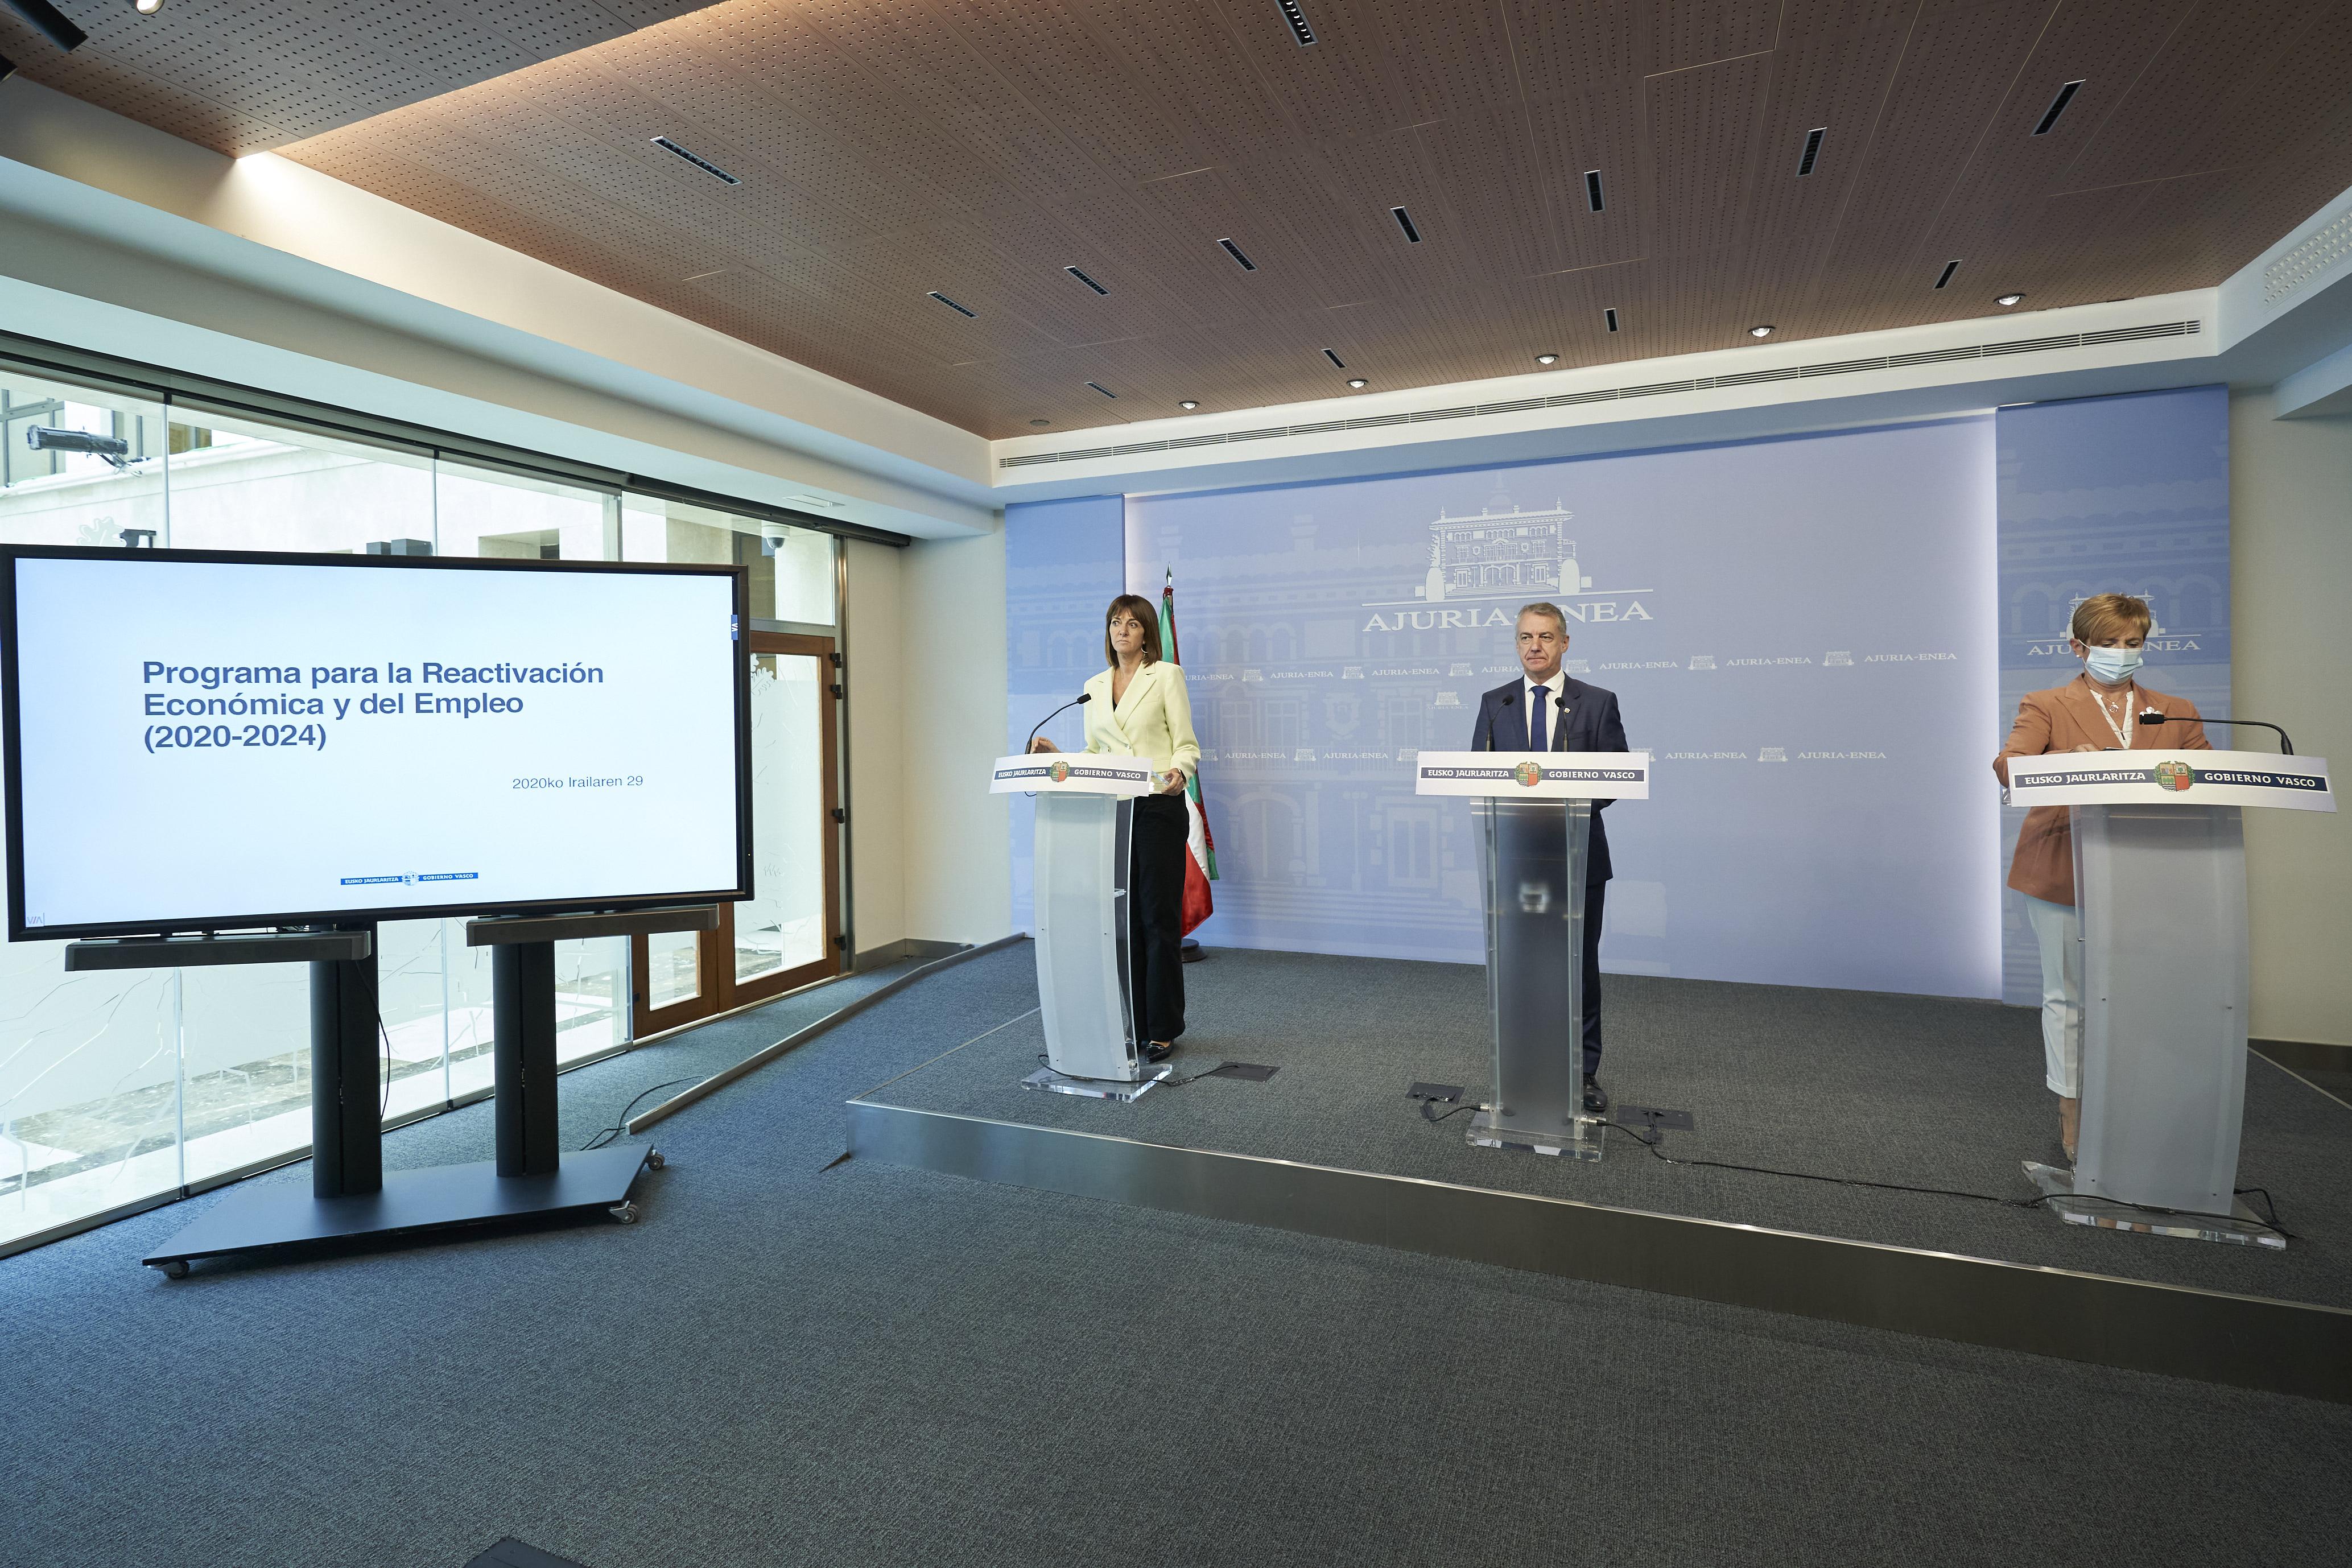 El Gobierno Vasco detalla el Programa Berpiztu para reactivar la economía y recuperar todo el empleo perdido [0:00]